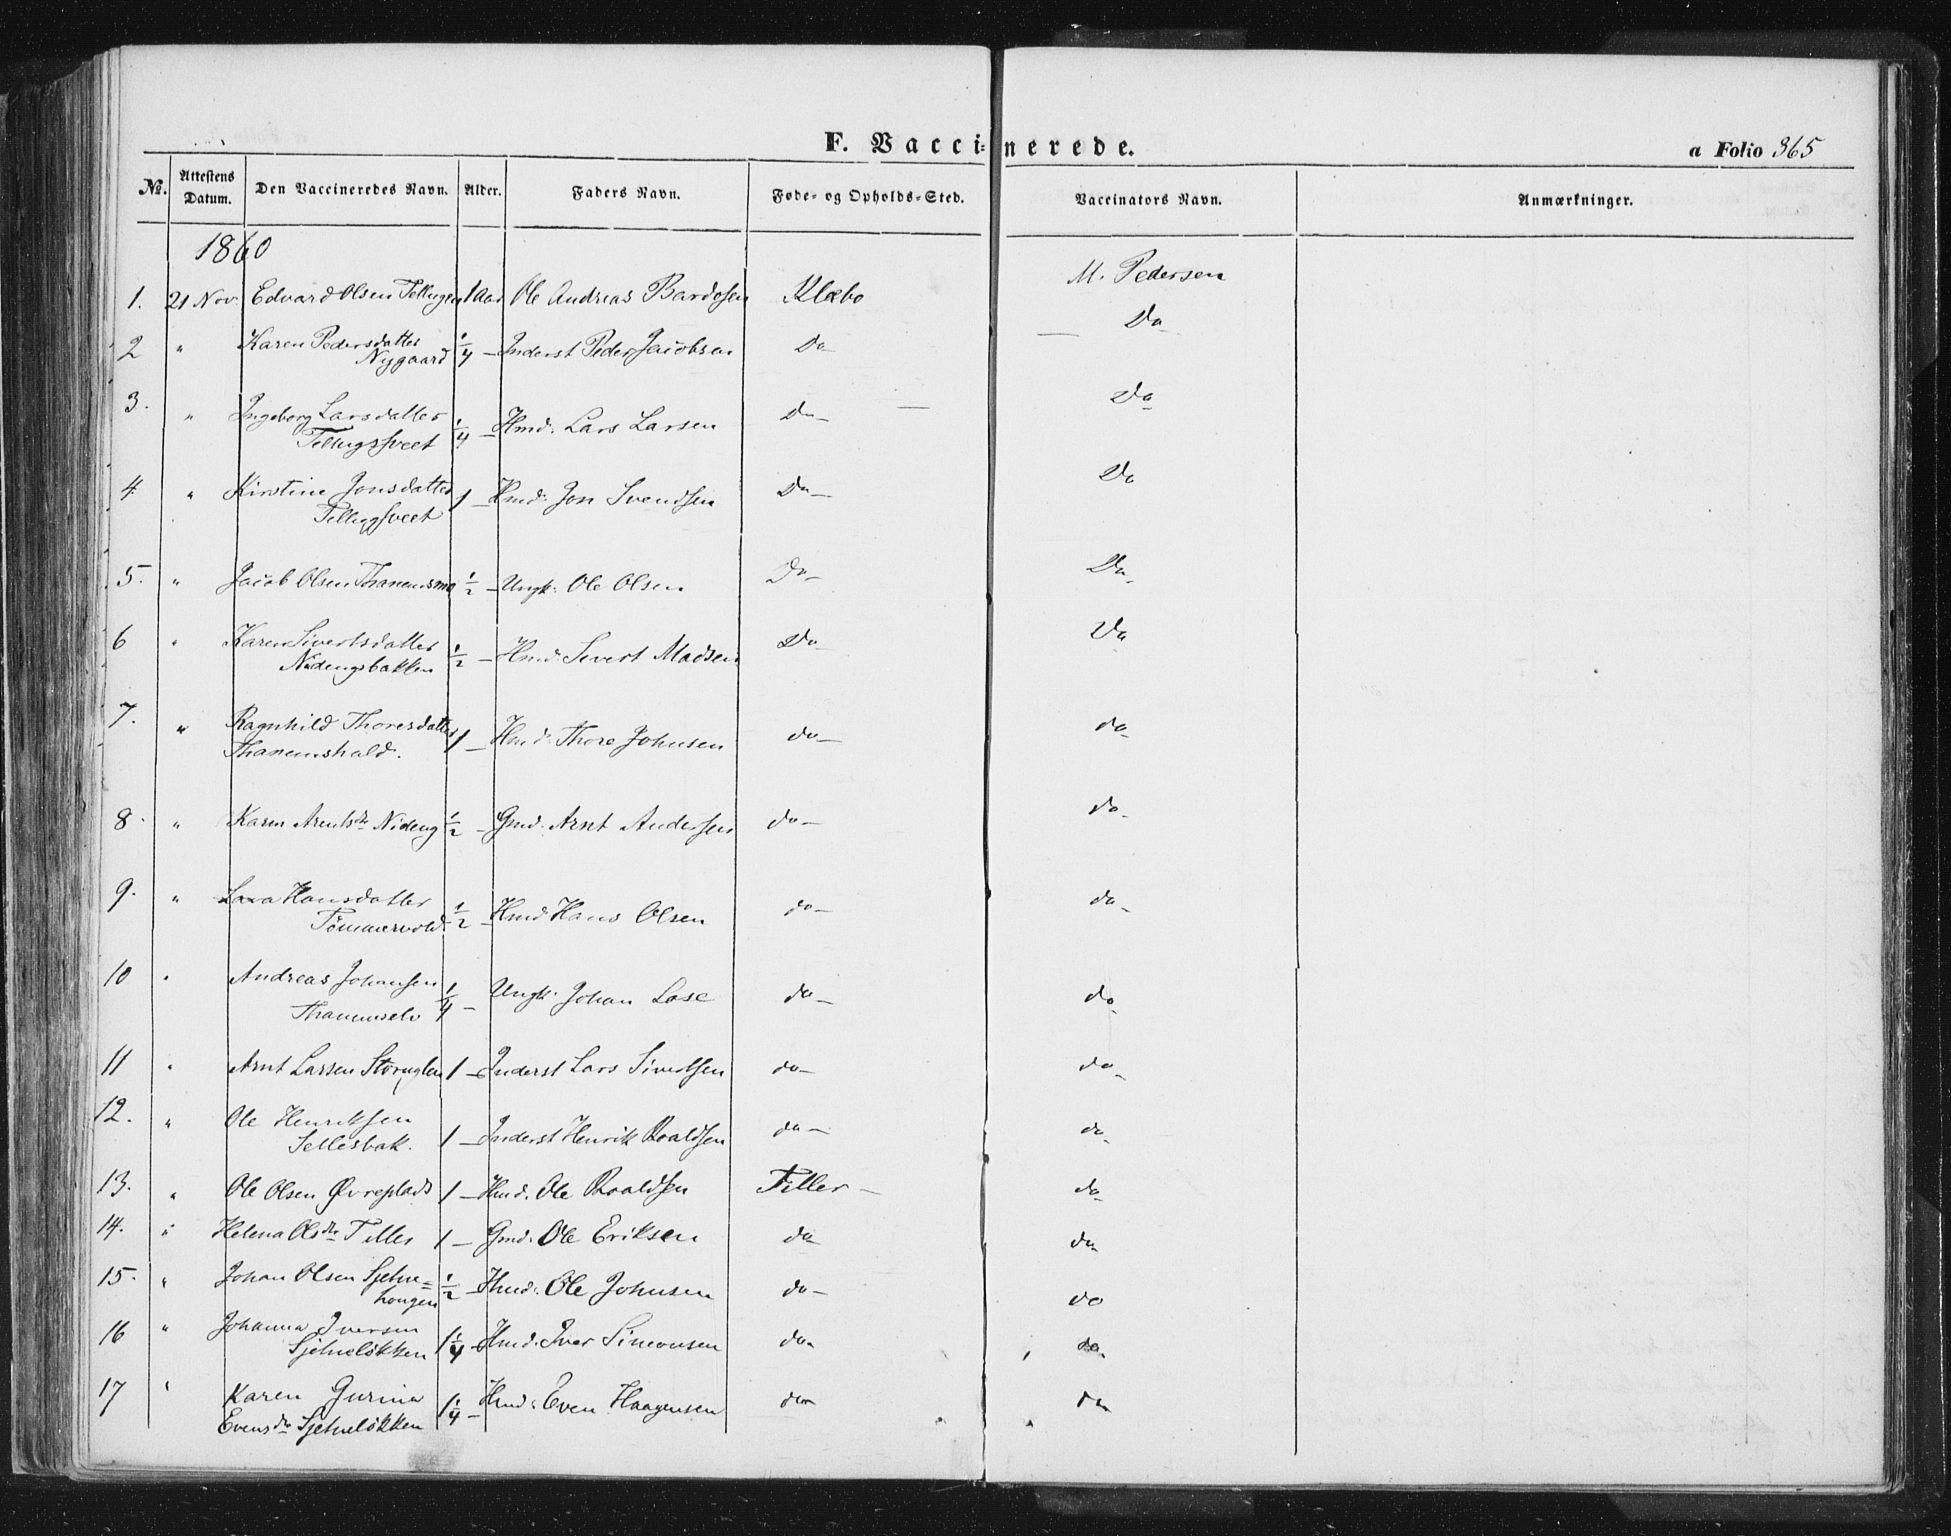 SAT, Ministerialprotokoller, klokkerbøker og fødselsregistre - Sør-Trøndelag, 618/L0441: Ministerialbok nr. 618A05, 1843-1862, s. 365